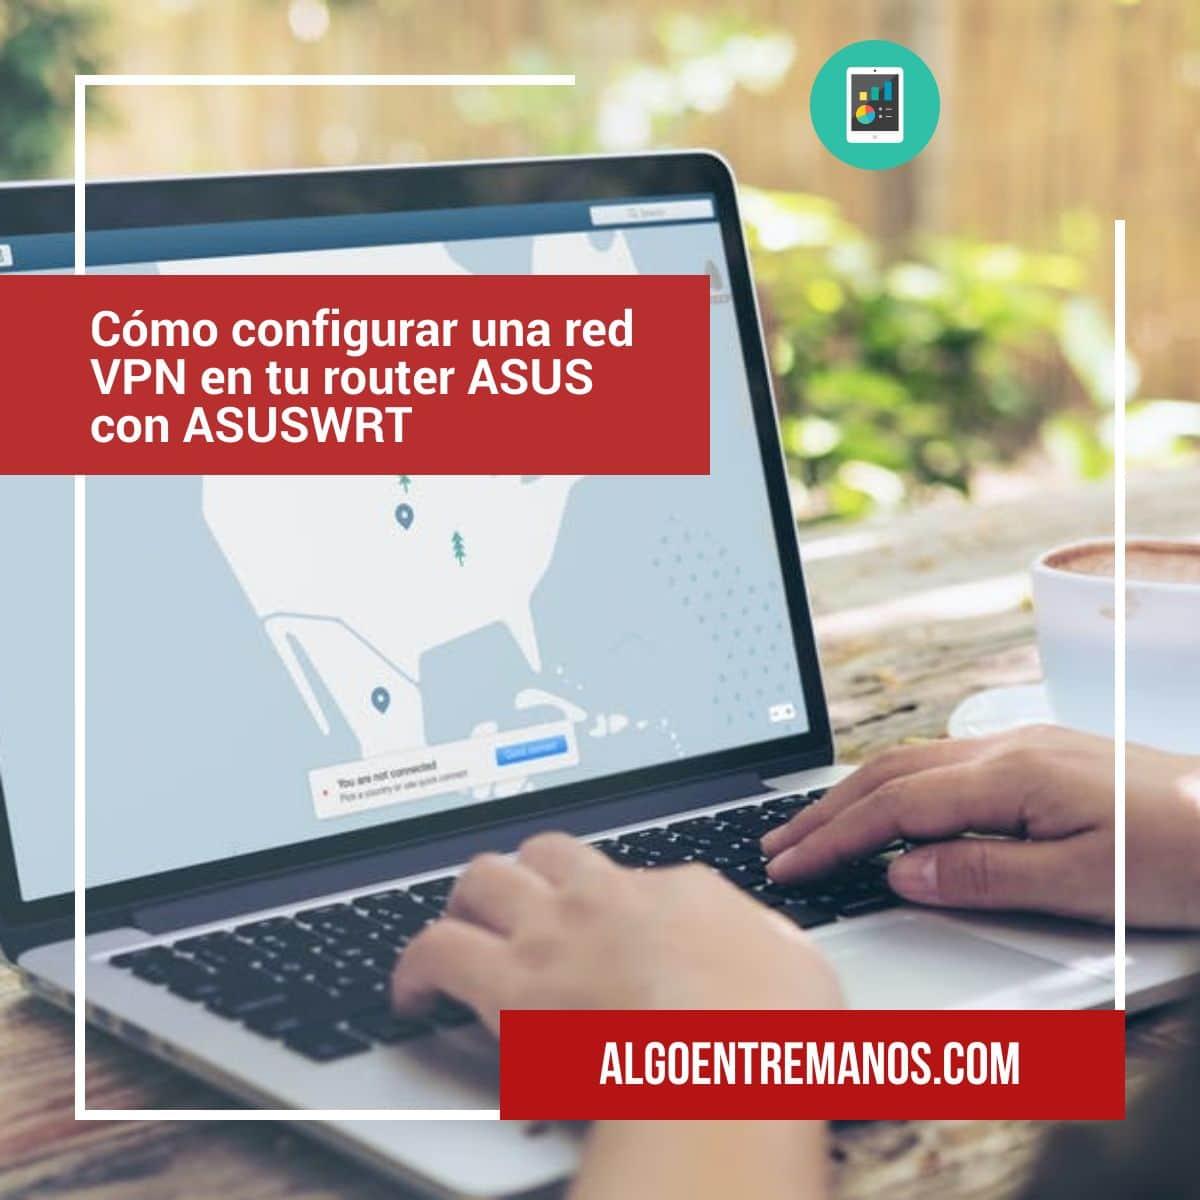 Cómo configurar una red VPN en tu router ASUS con ASUSWRT